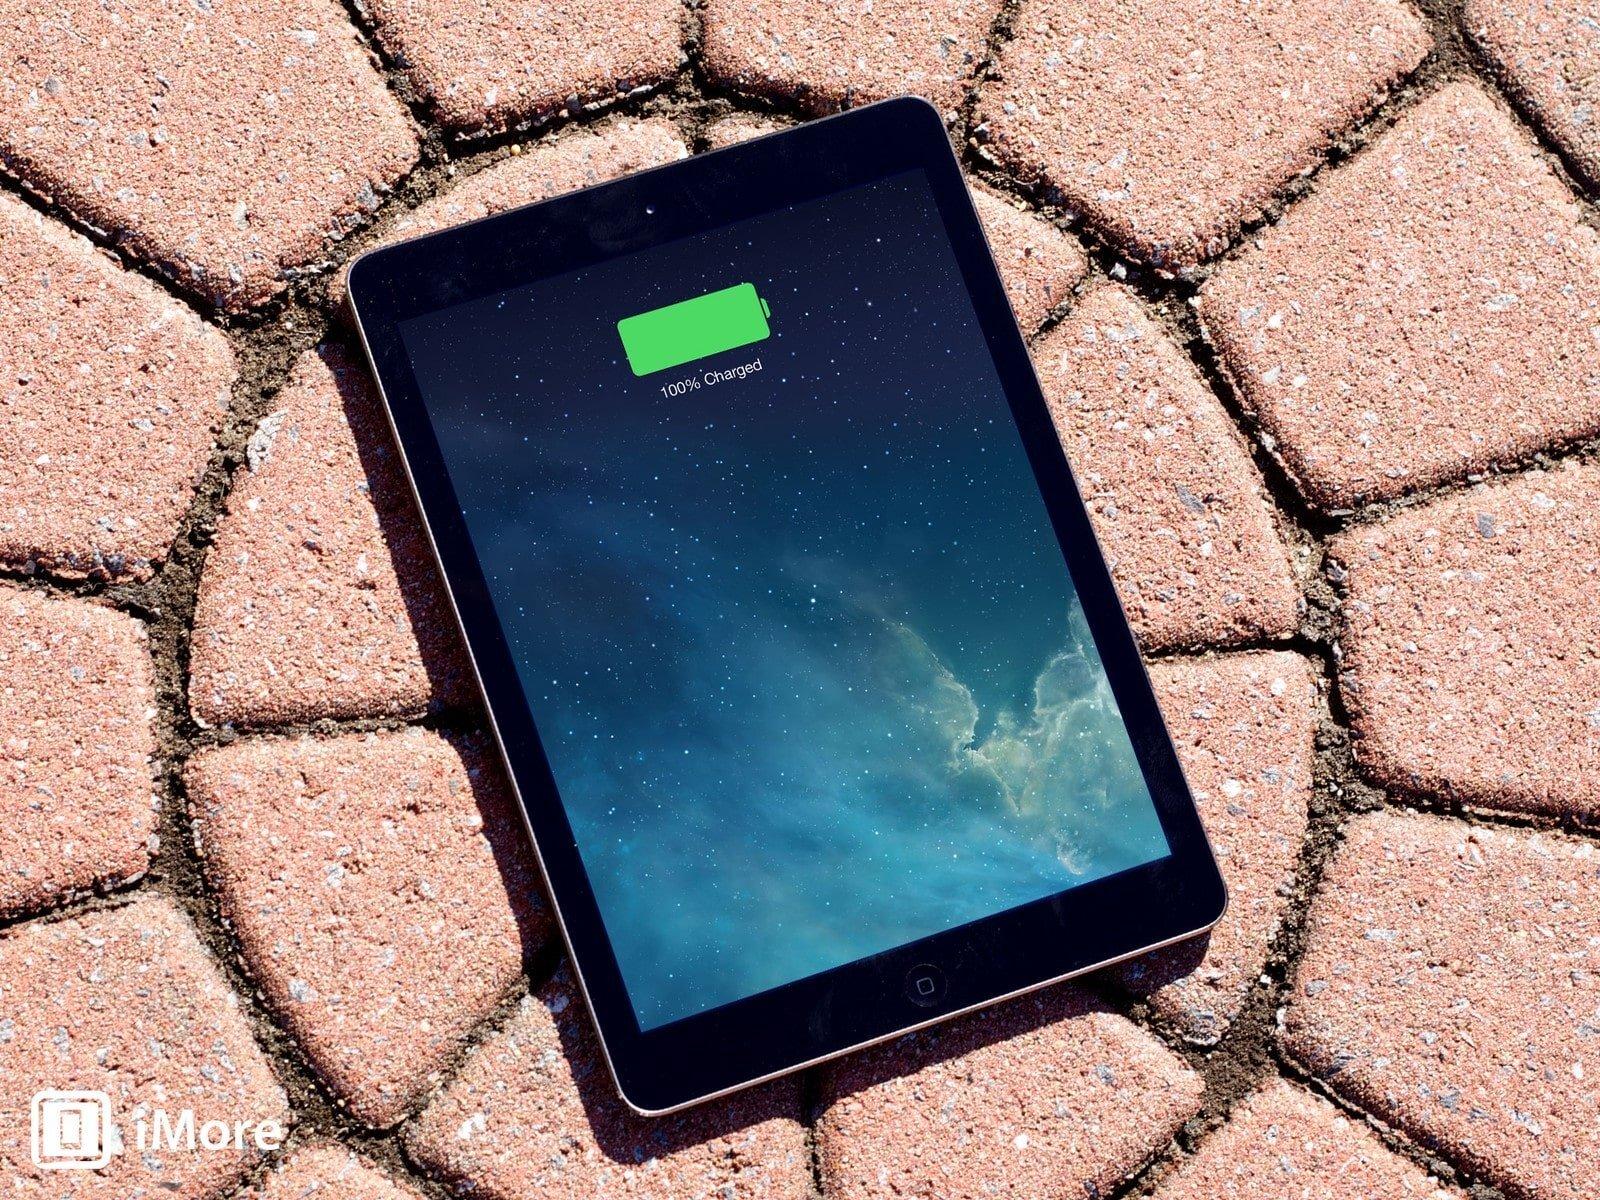 Khởi động chế độ tiết kiệm pin trên iPad